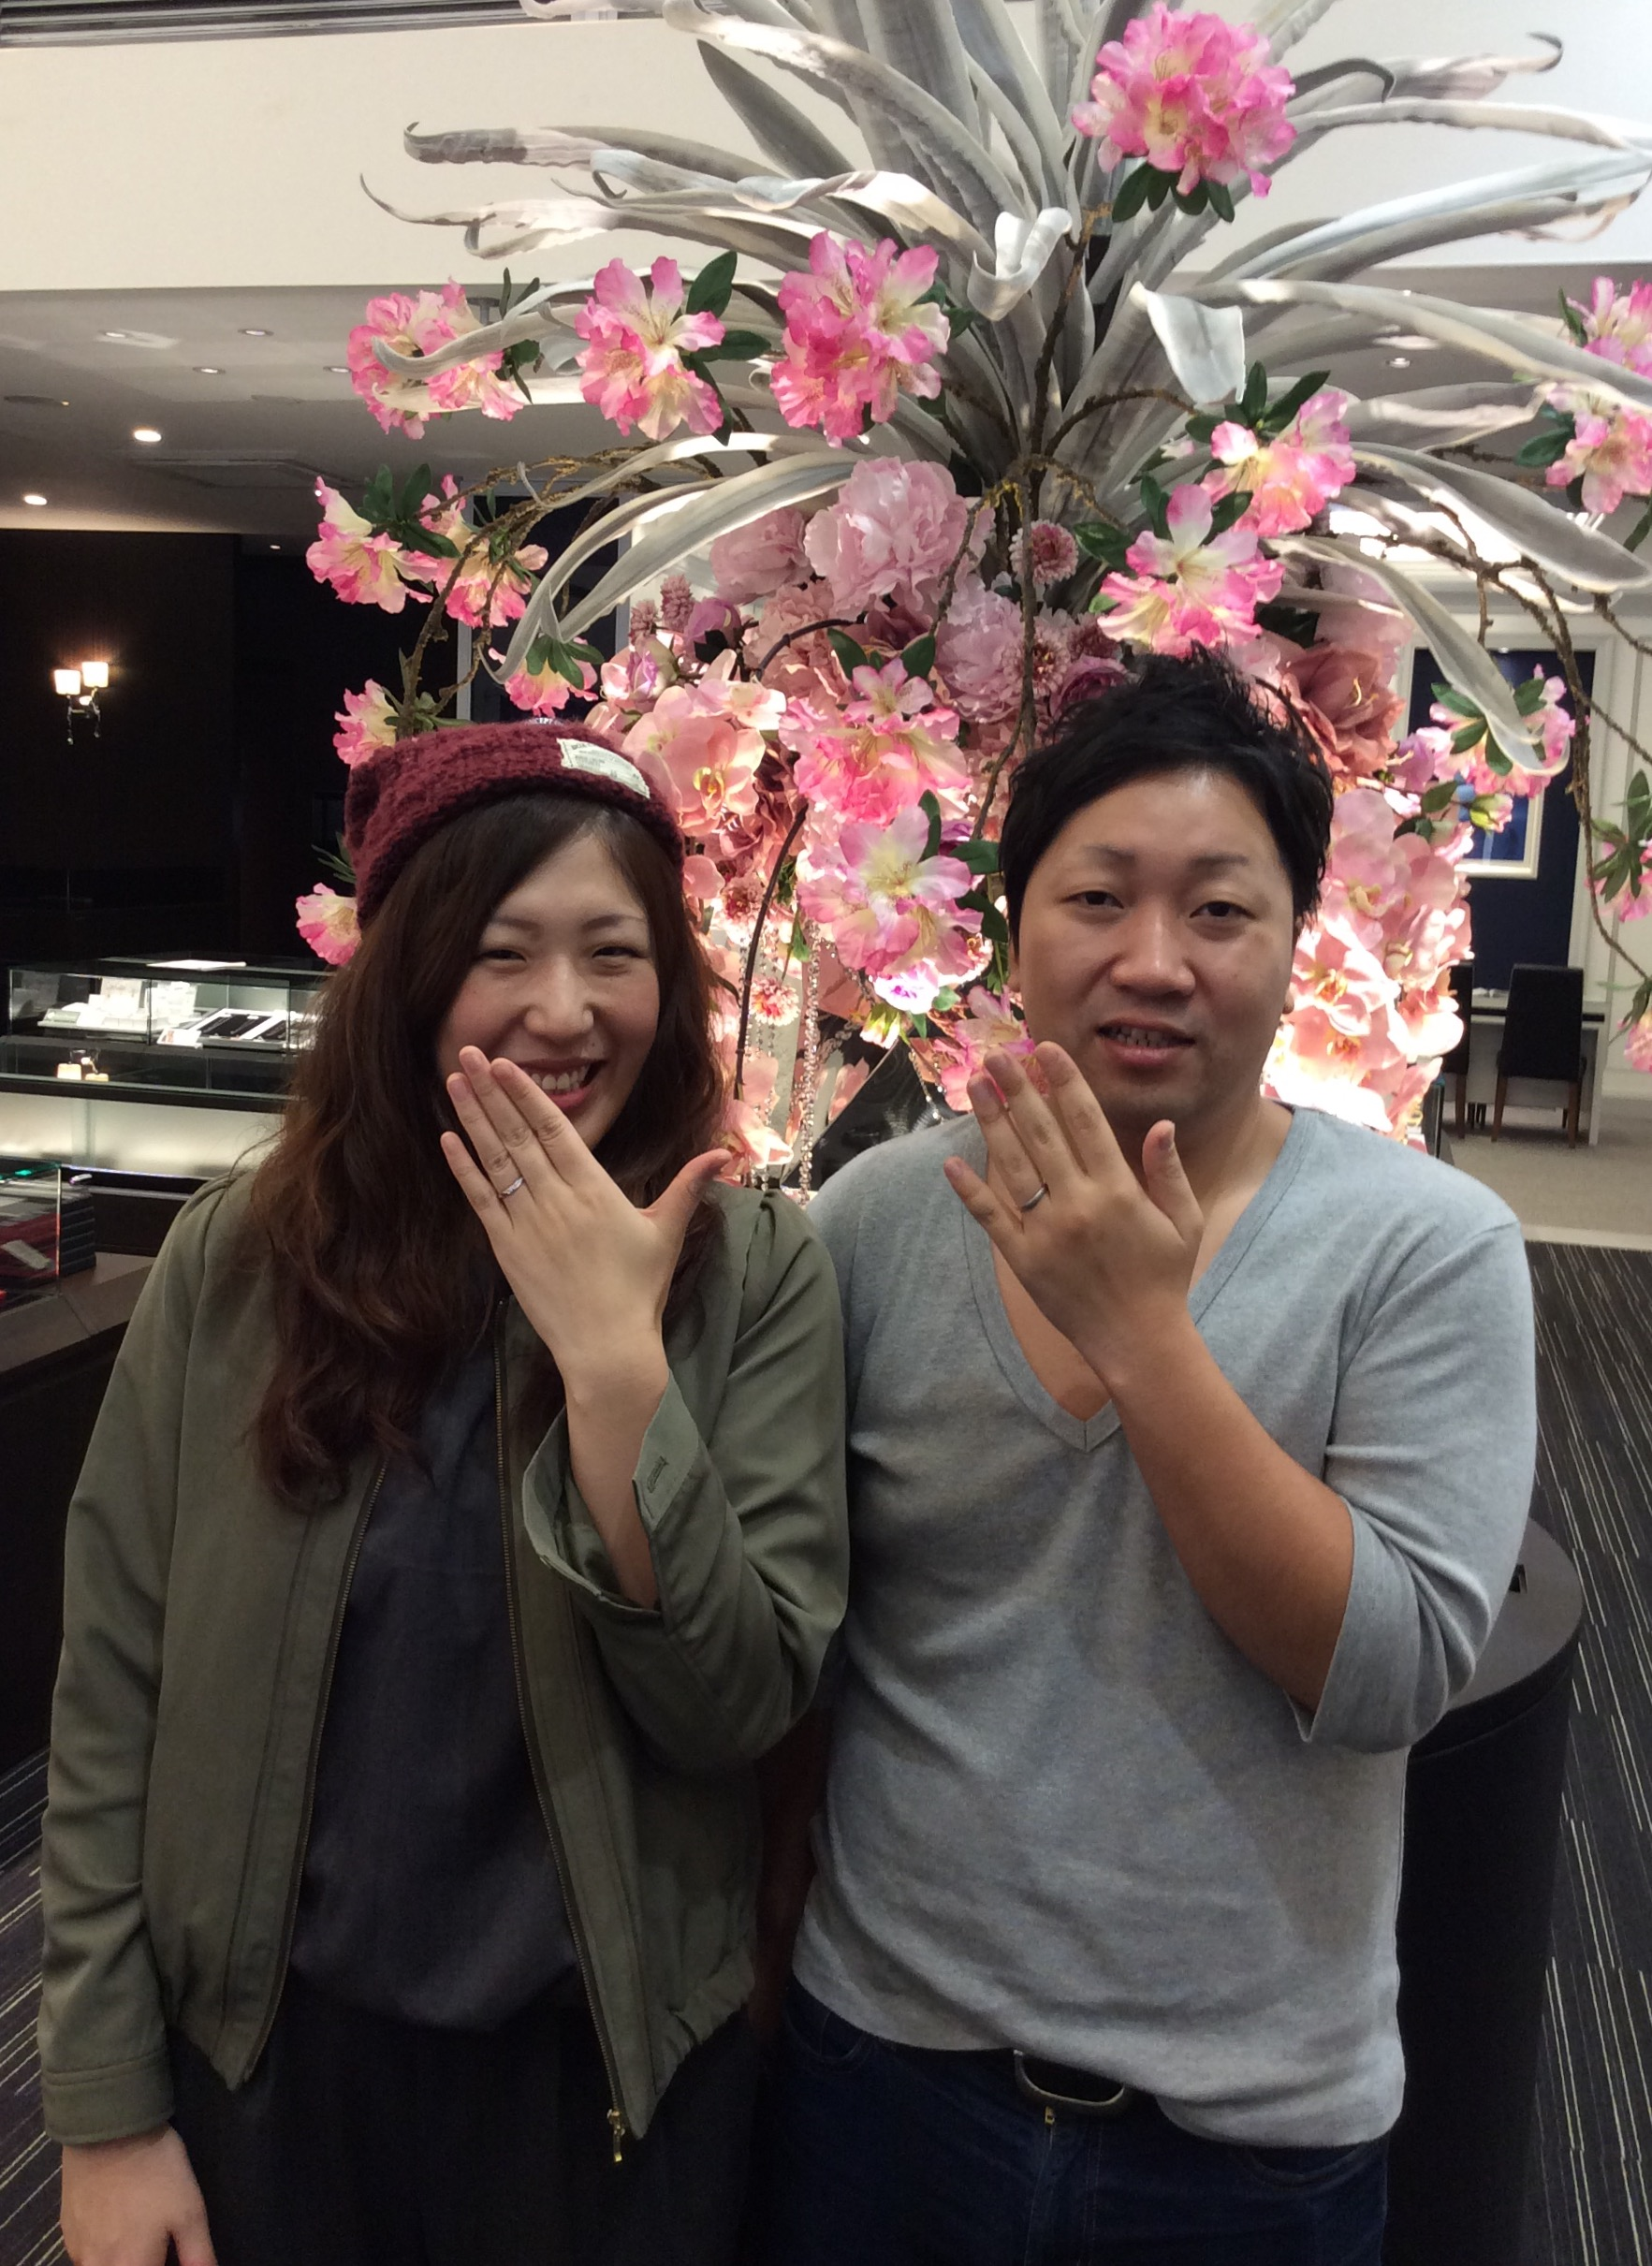 カフェリングの結婚指輪「パナシュ」に一目惚れ💘(燕市/T様ご夫婦)